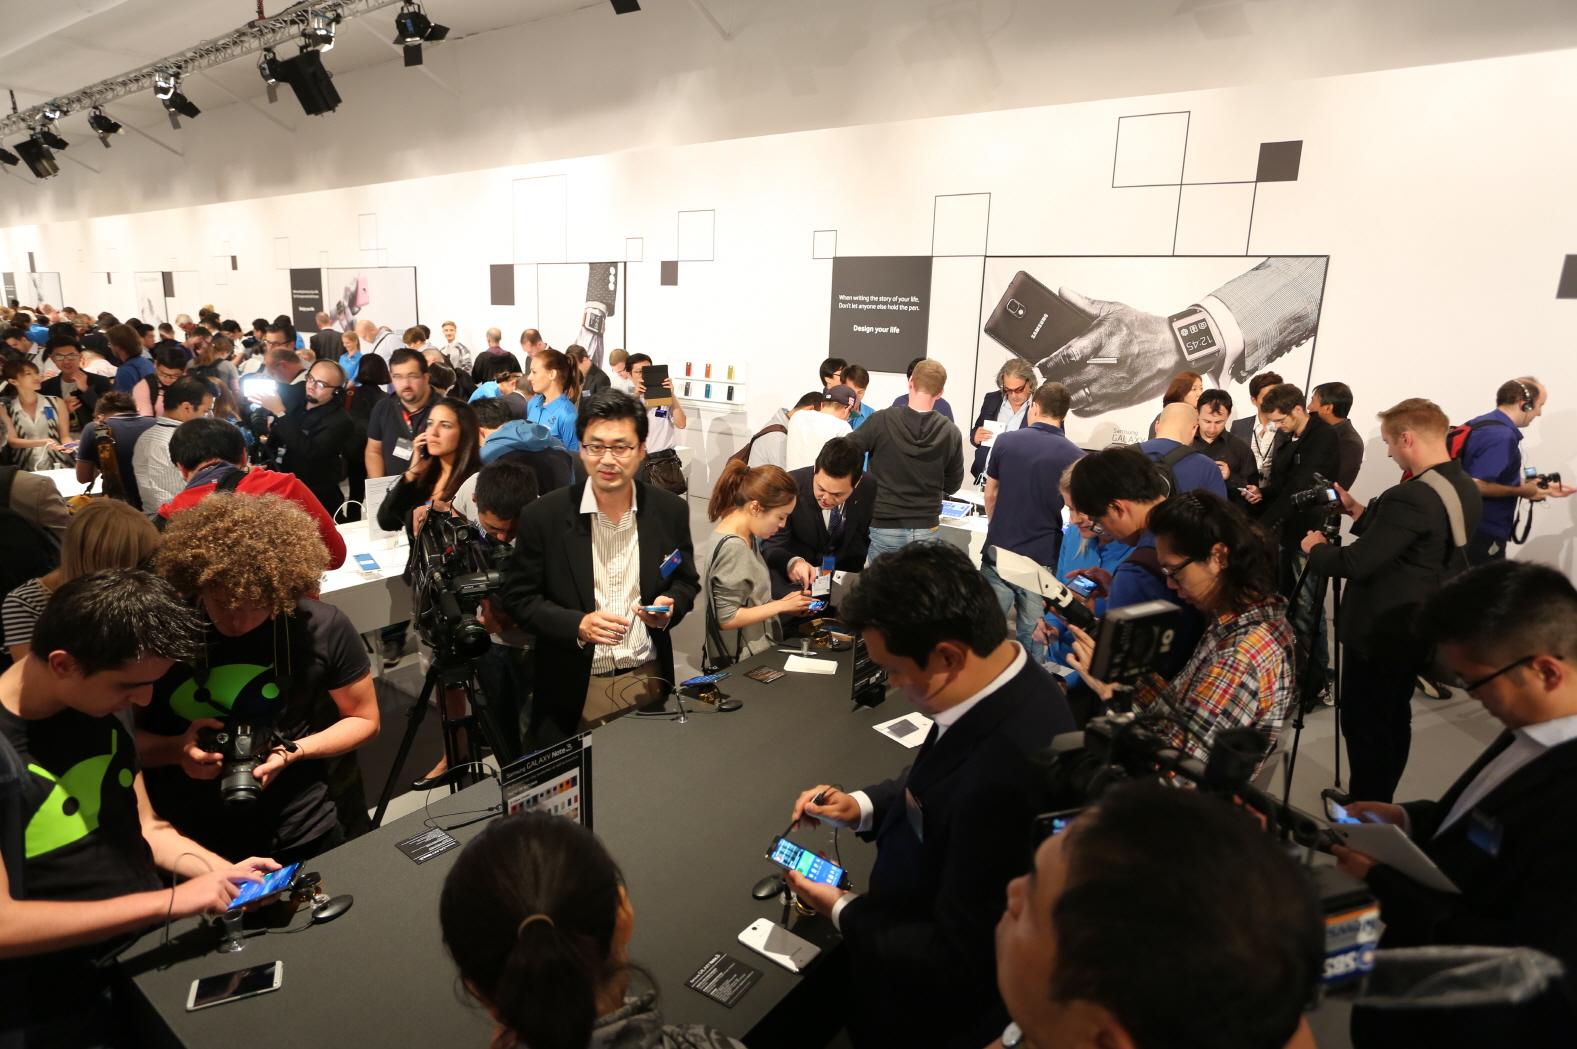 삼성전자는 4일(현지시간) 독일 베를린에서 'IFA 2013' 전시회 개막에 앞서 '삼성 모바일 언팩' 행사를 갖고, '갤럭시 노트 3'와 '2014년형 갤럭시 노트 10.1', 새로운 트렌드를 주도할 '갤럭시 기어'를 공개했습니다. 사진은 행사가 열린  베를린 텐포드롬에서 행사에 참석한 미디어와 파트너들이 제품을 체험하는 모습입니다.